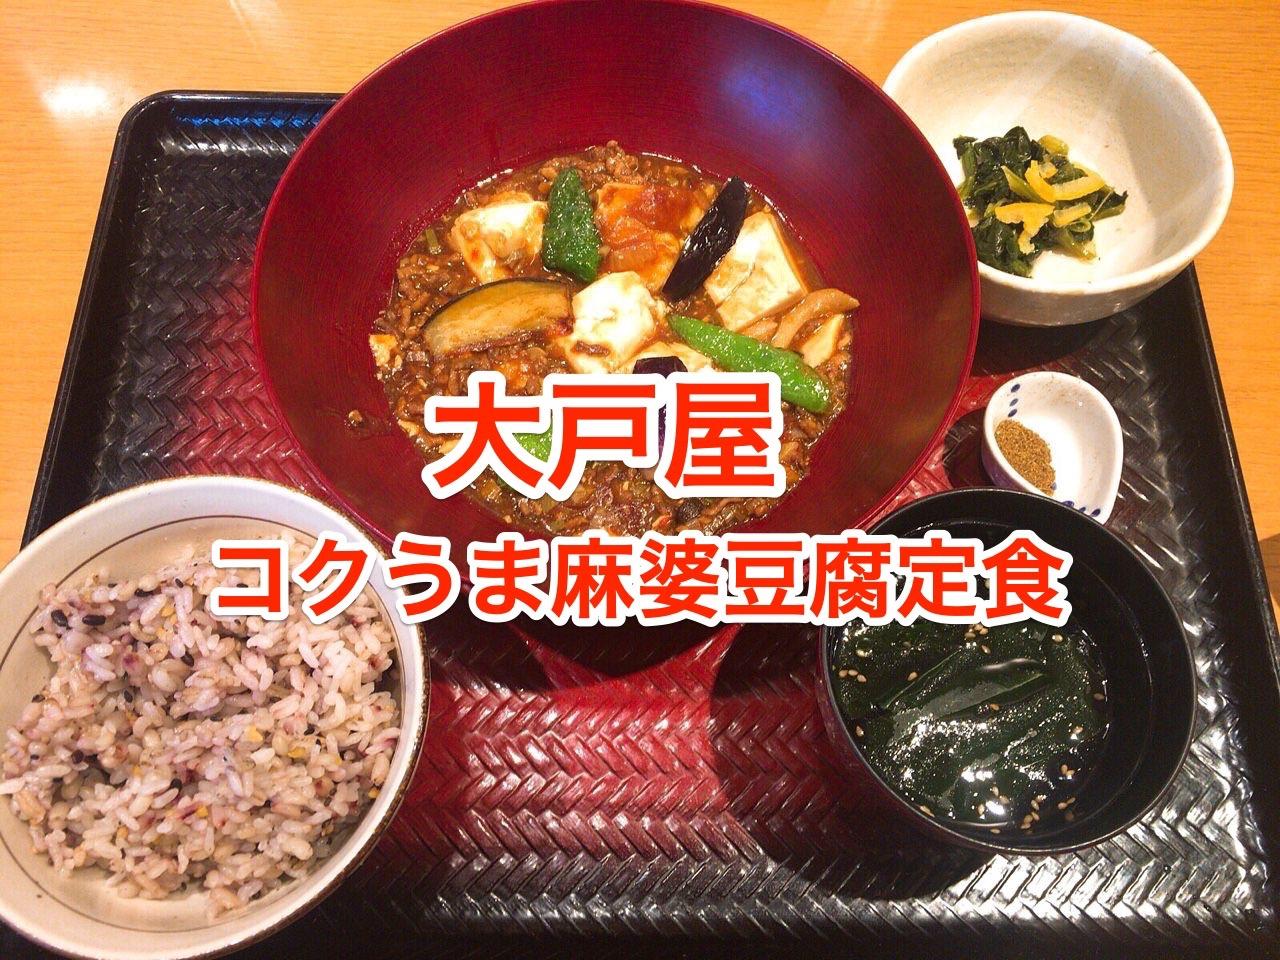 【大戸屋】「コクうま麻婆豆腐定食」後を引く麻の美味さ(980円)